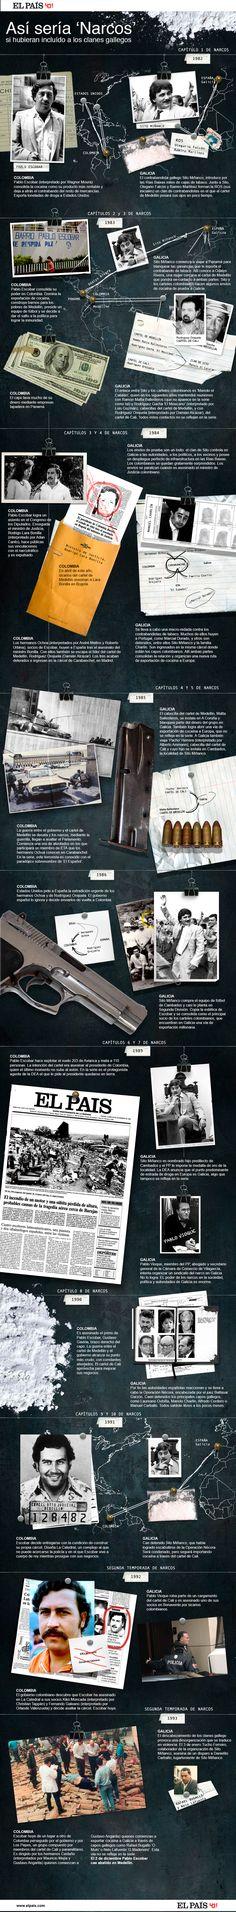 Relaciones entre el narcotraficante Pablo Escobar y los clanes de la droga gallegos.  EL PAÍS